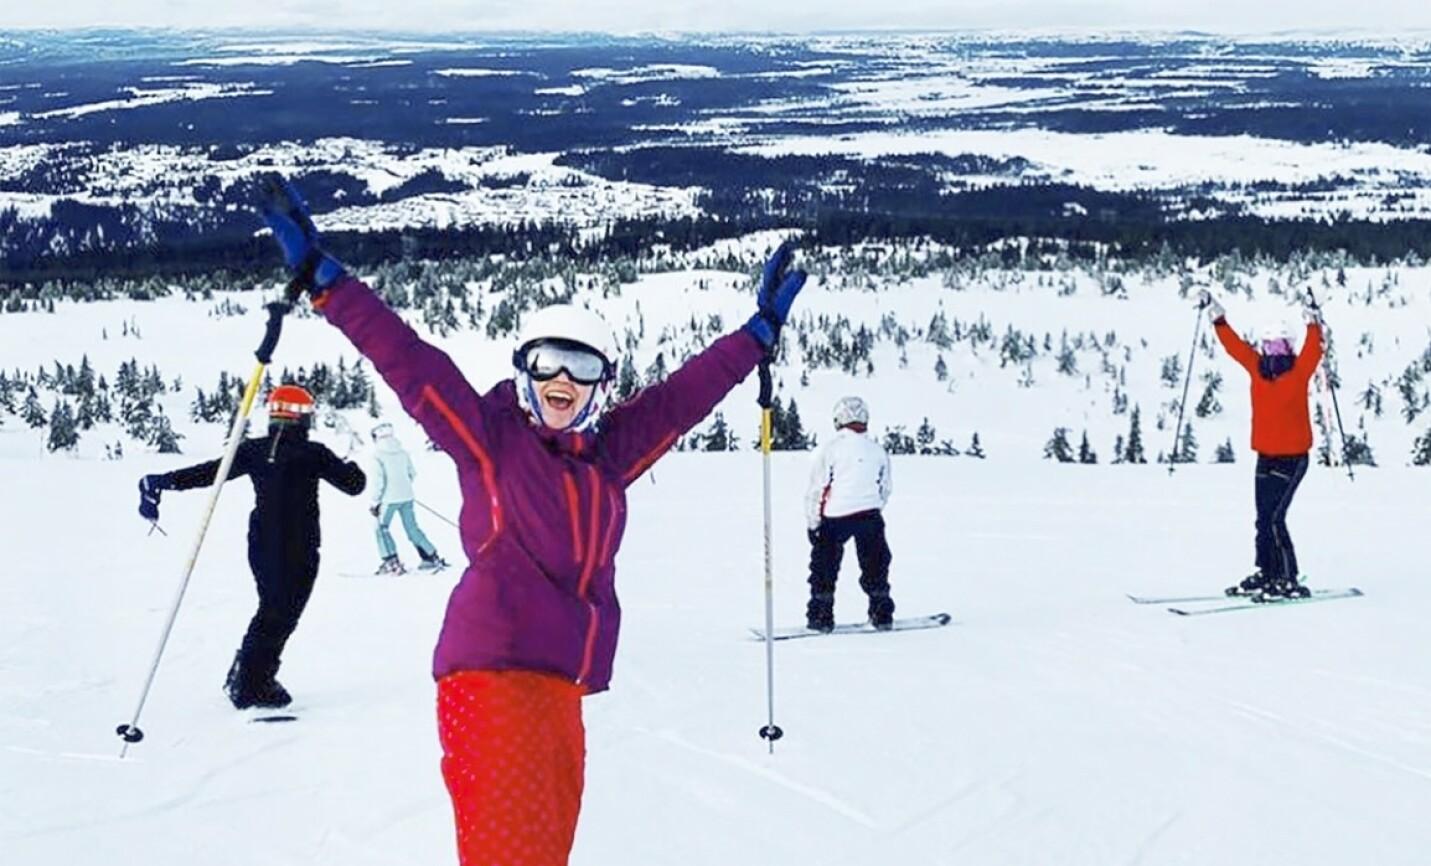 SPORTY: Prinsesse Märtha Louise har hatt deilige feriedager på Lillehammer og Hafjell sammen med sine tre døtre. FOTO: @iam_marthalouise/Instagram